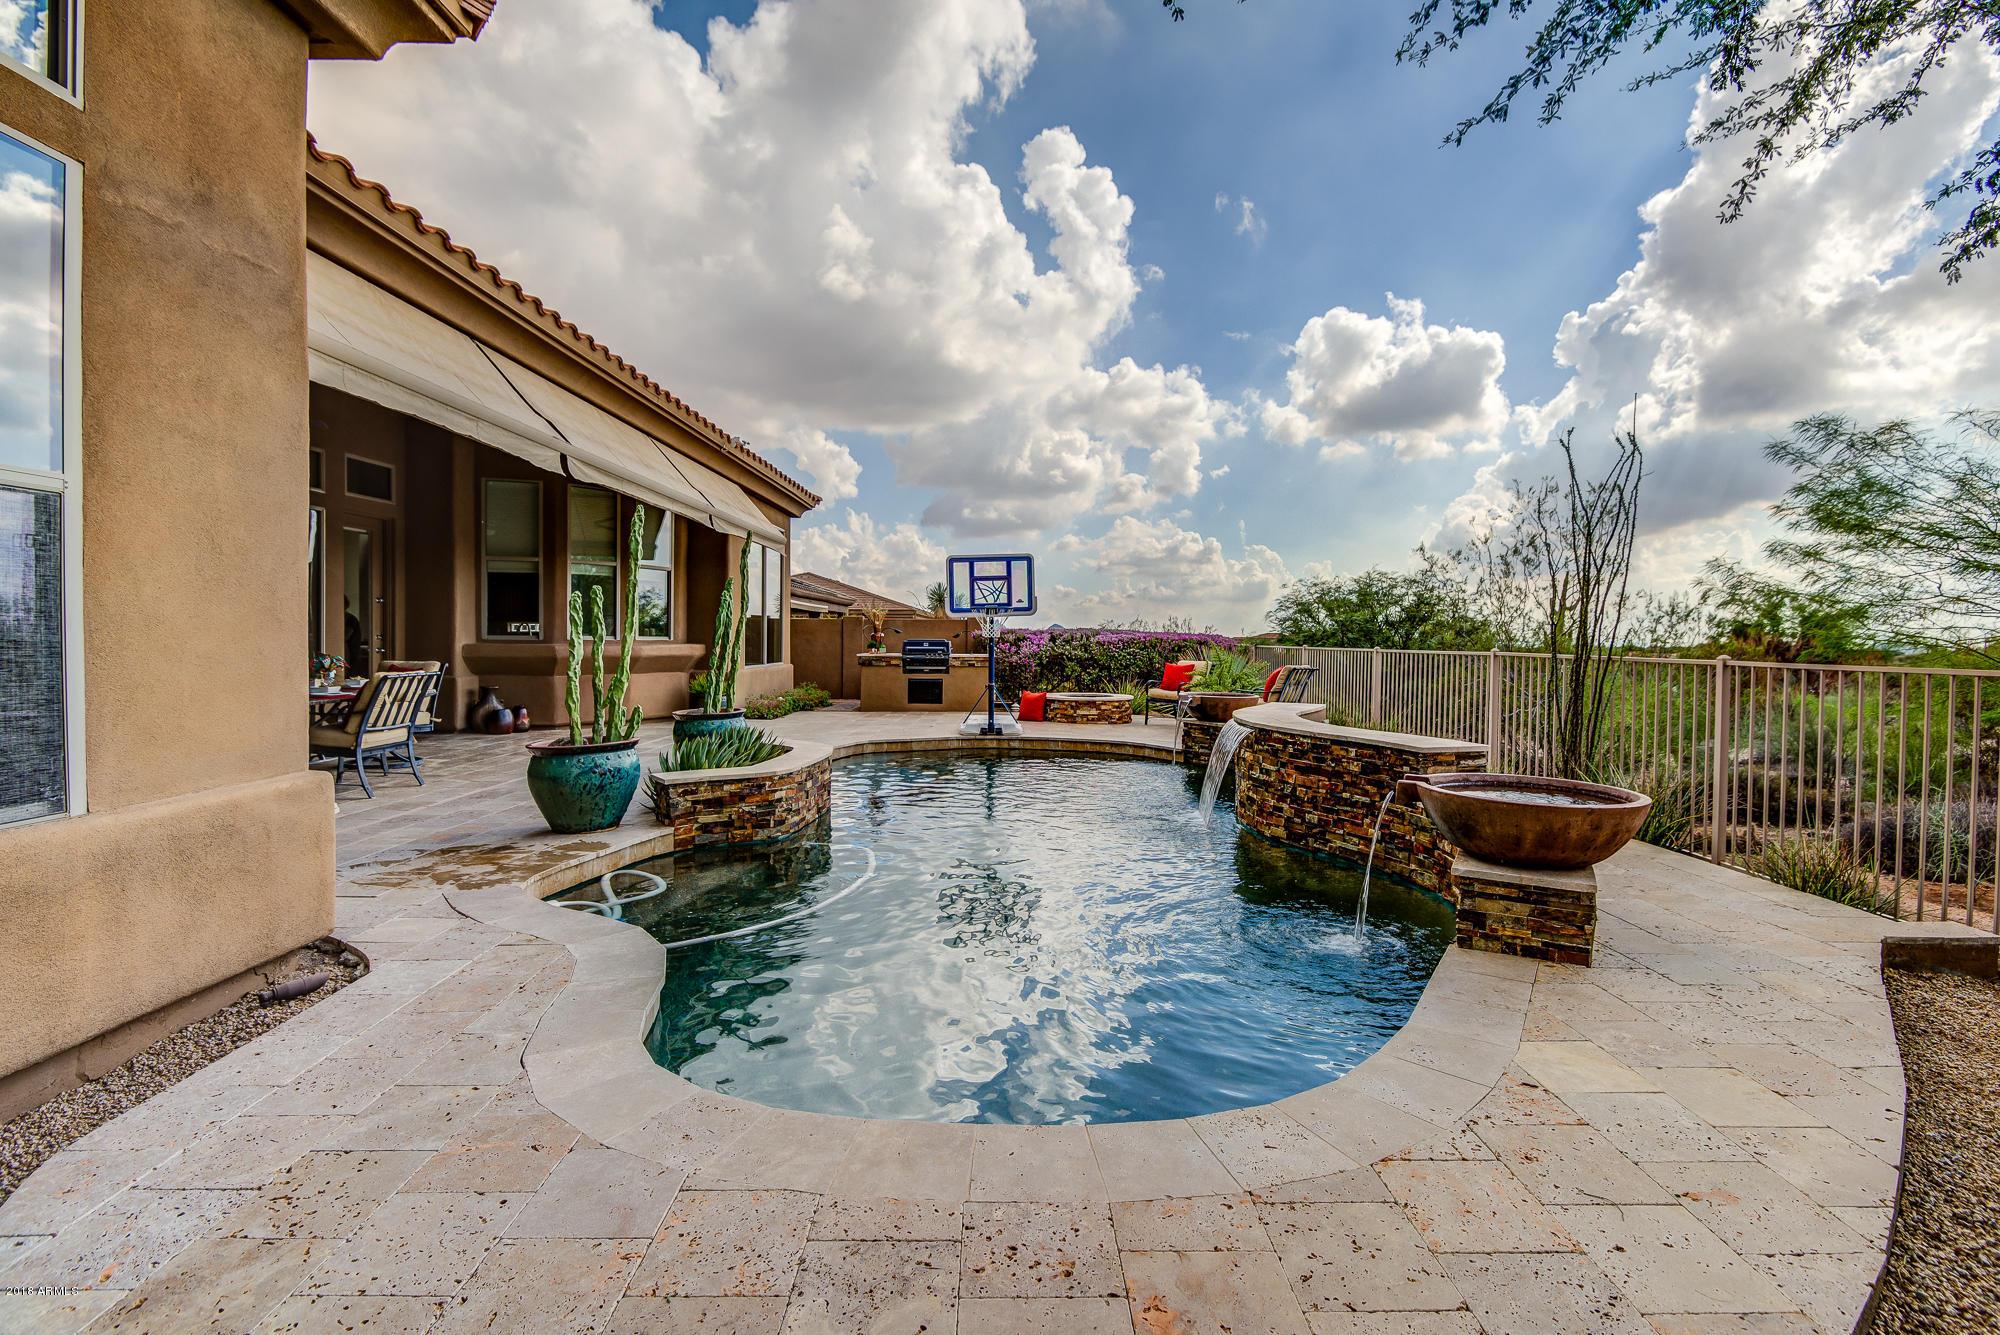 MLS 5829660 34552 N 99TH Way, Scottsdale, AZ 85262 Scottsdale AZ Legend Trail